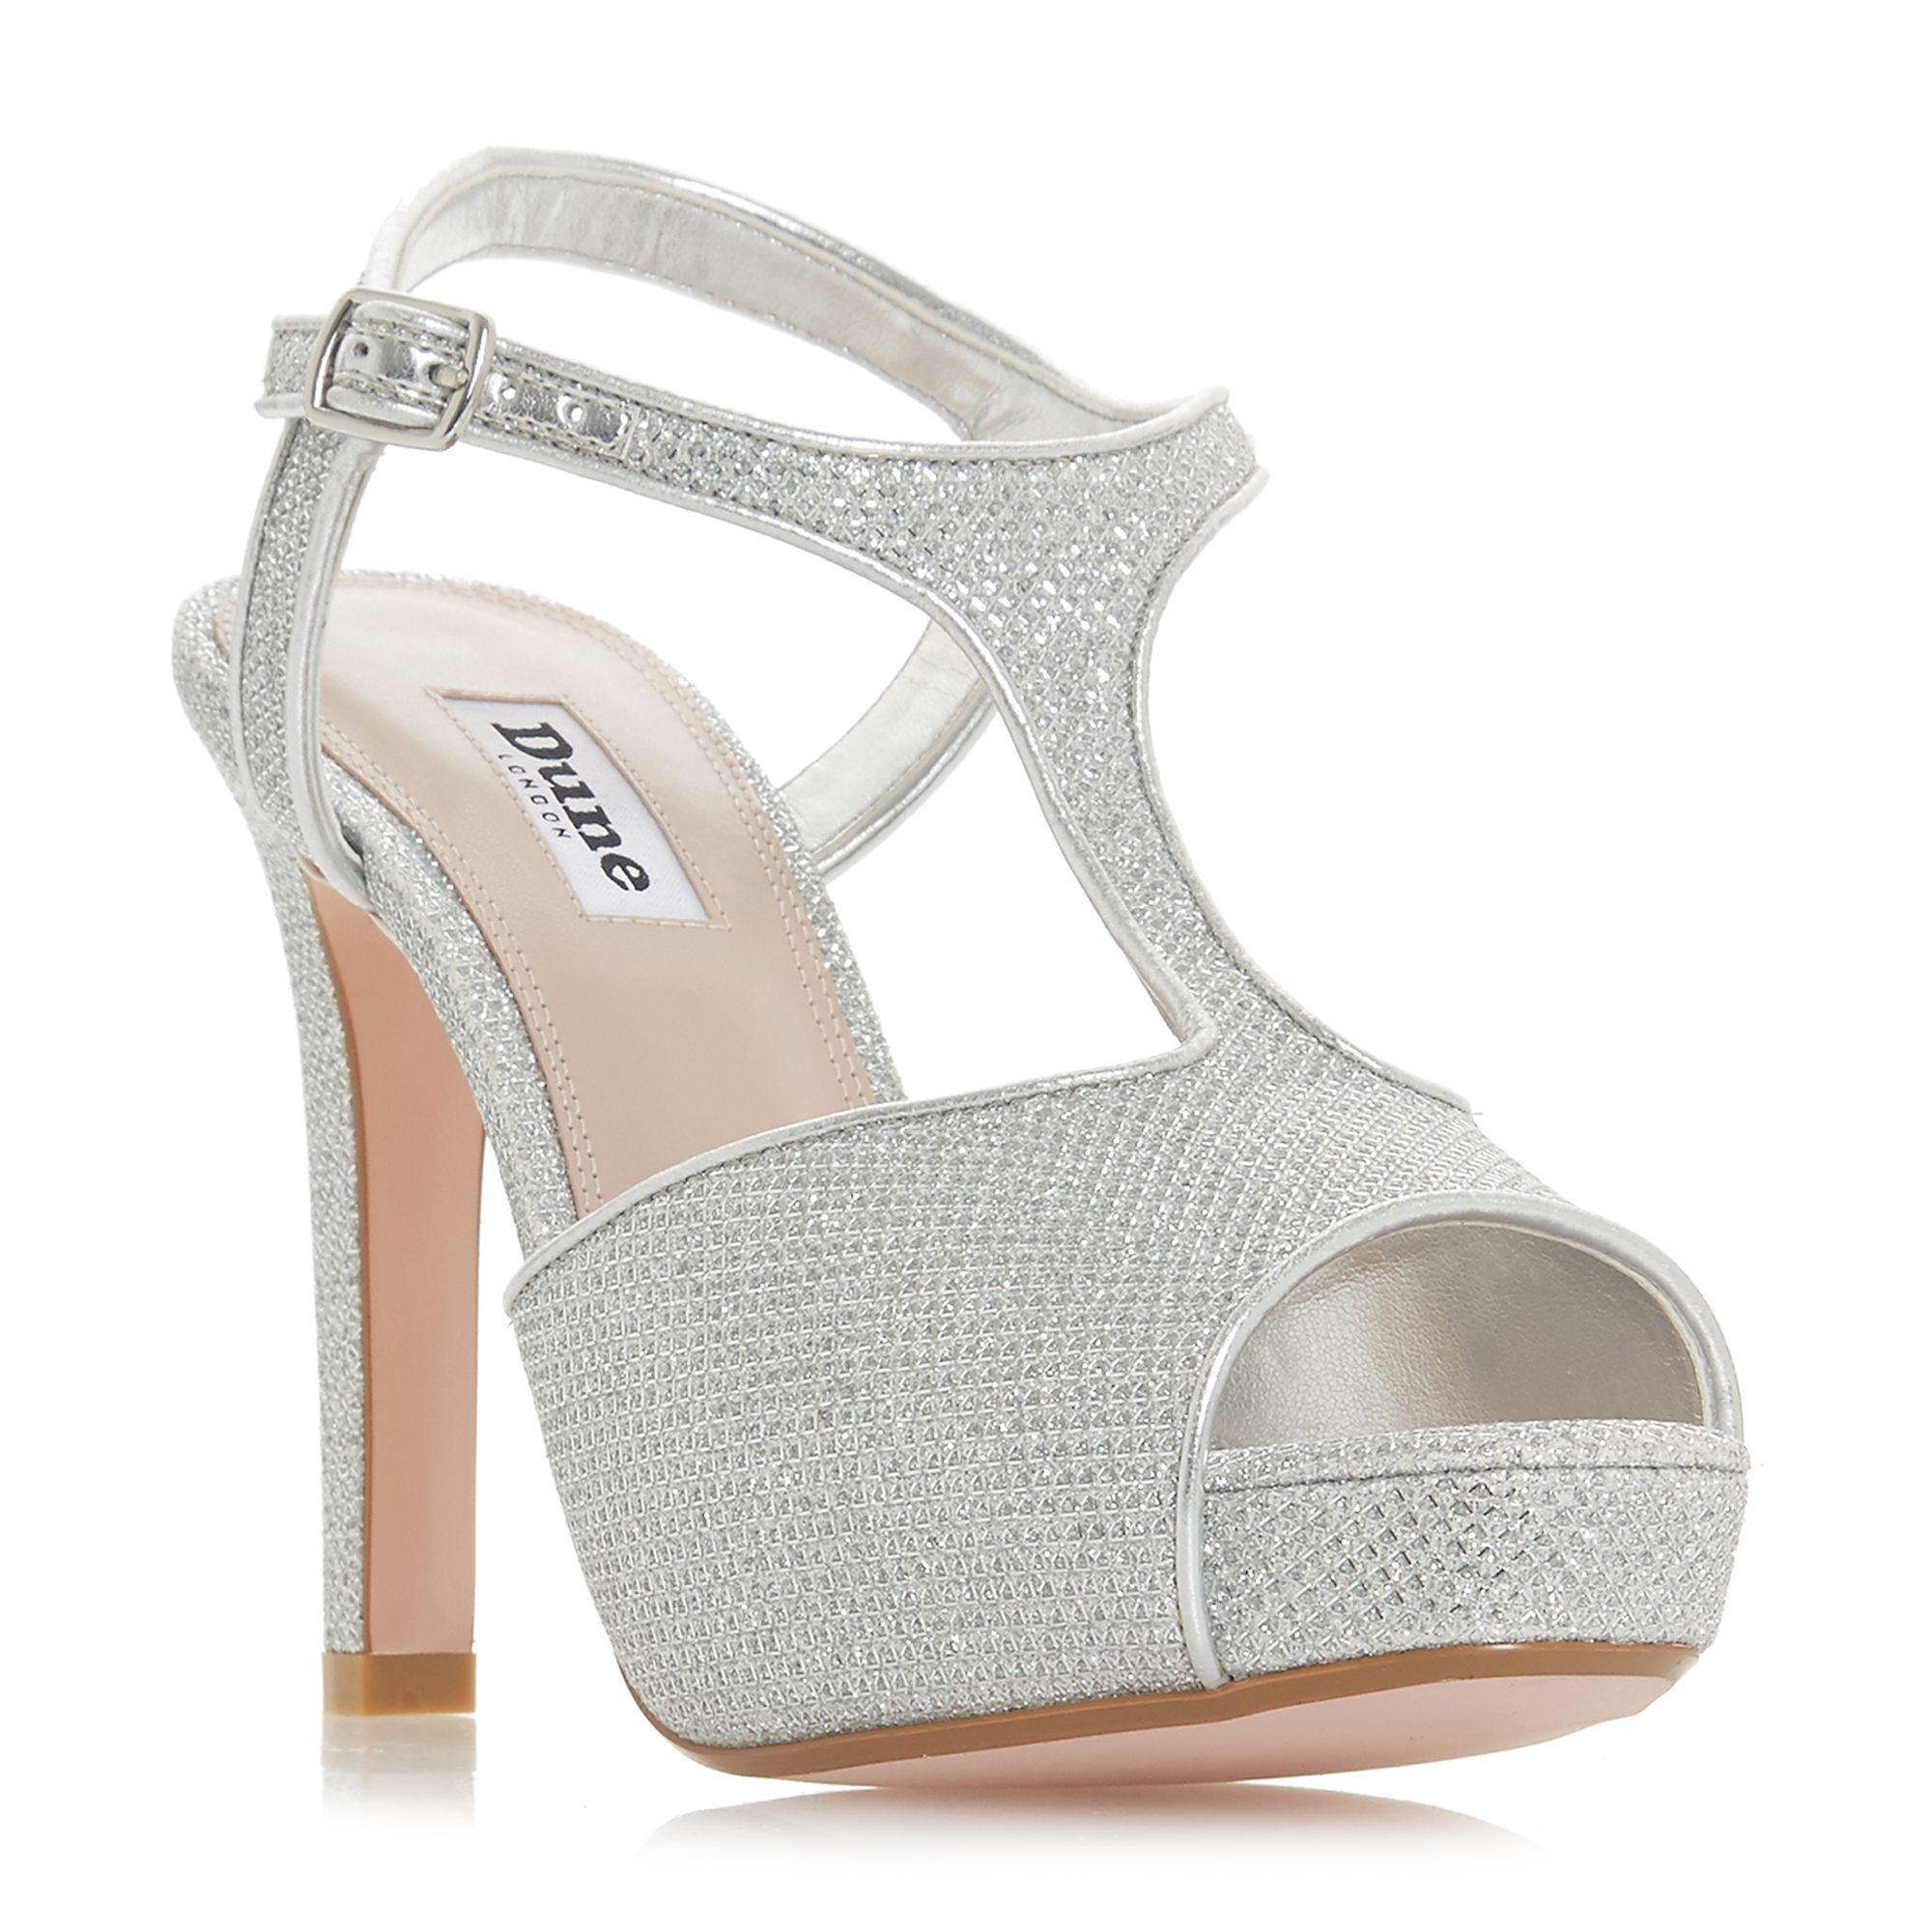 0328e635d Dune Silver  marleigh  High Stiletto Heel T-bar Sandals in Metallic ...